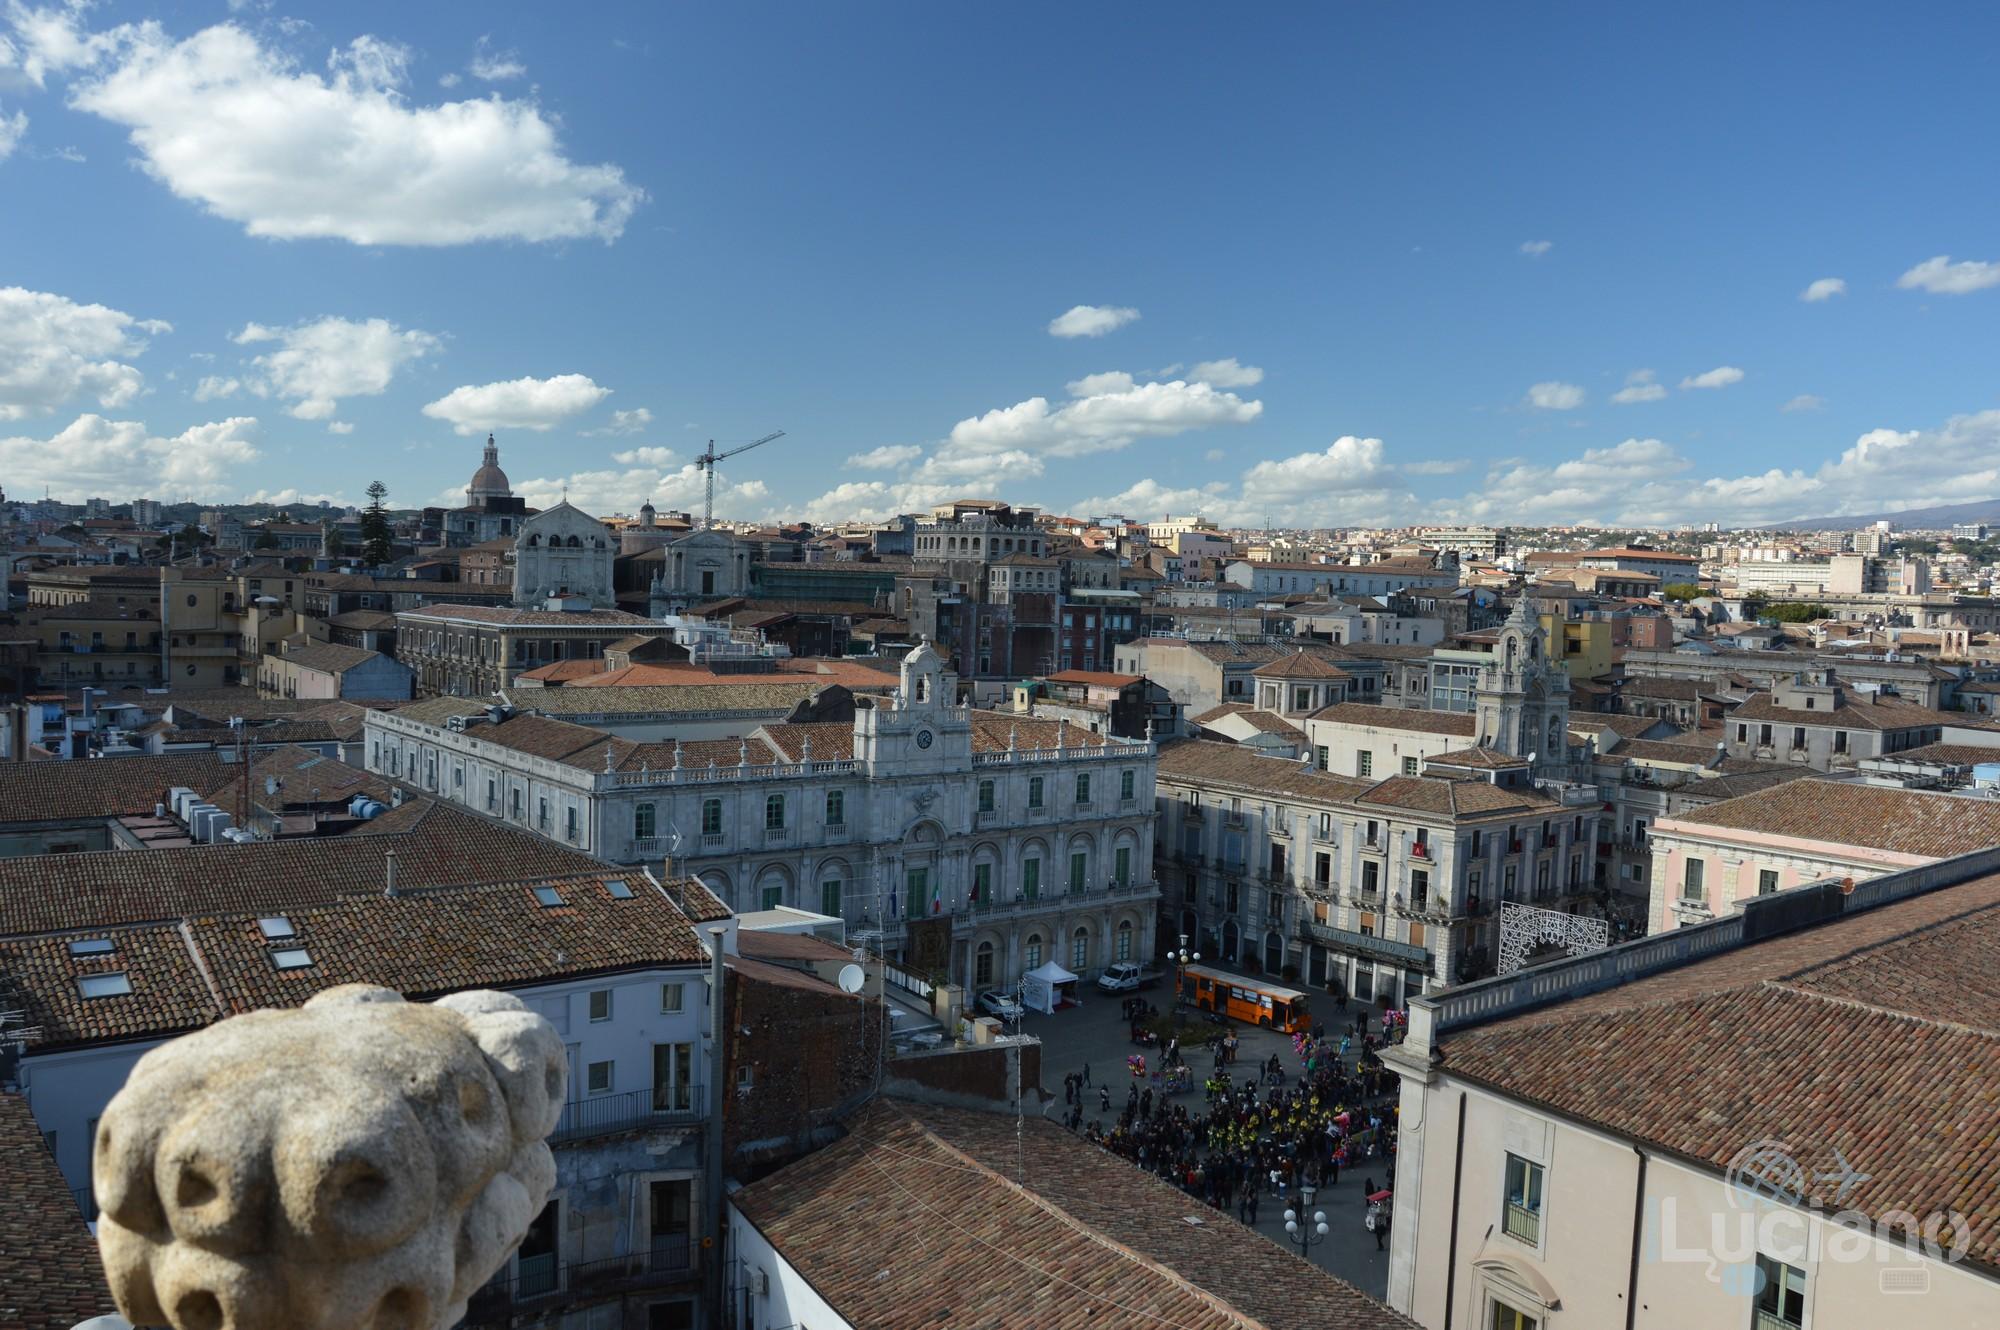 Vista di piazza università e dei tetti della città dalla Chiesa della Badia di Sant'Agata, durante i festeggiamenti per Sant'Agata 2019 - Catania (CT)